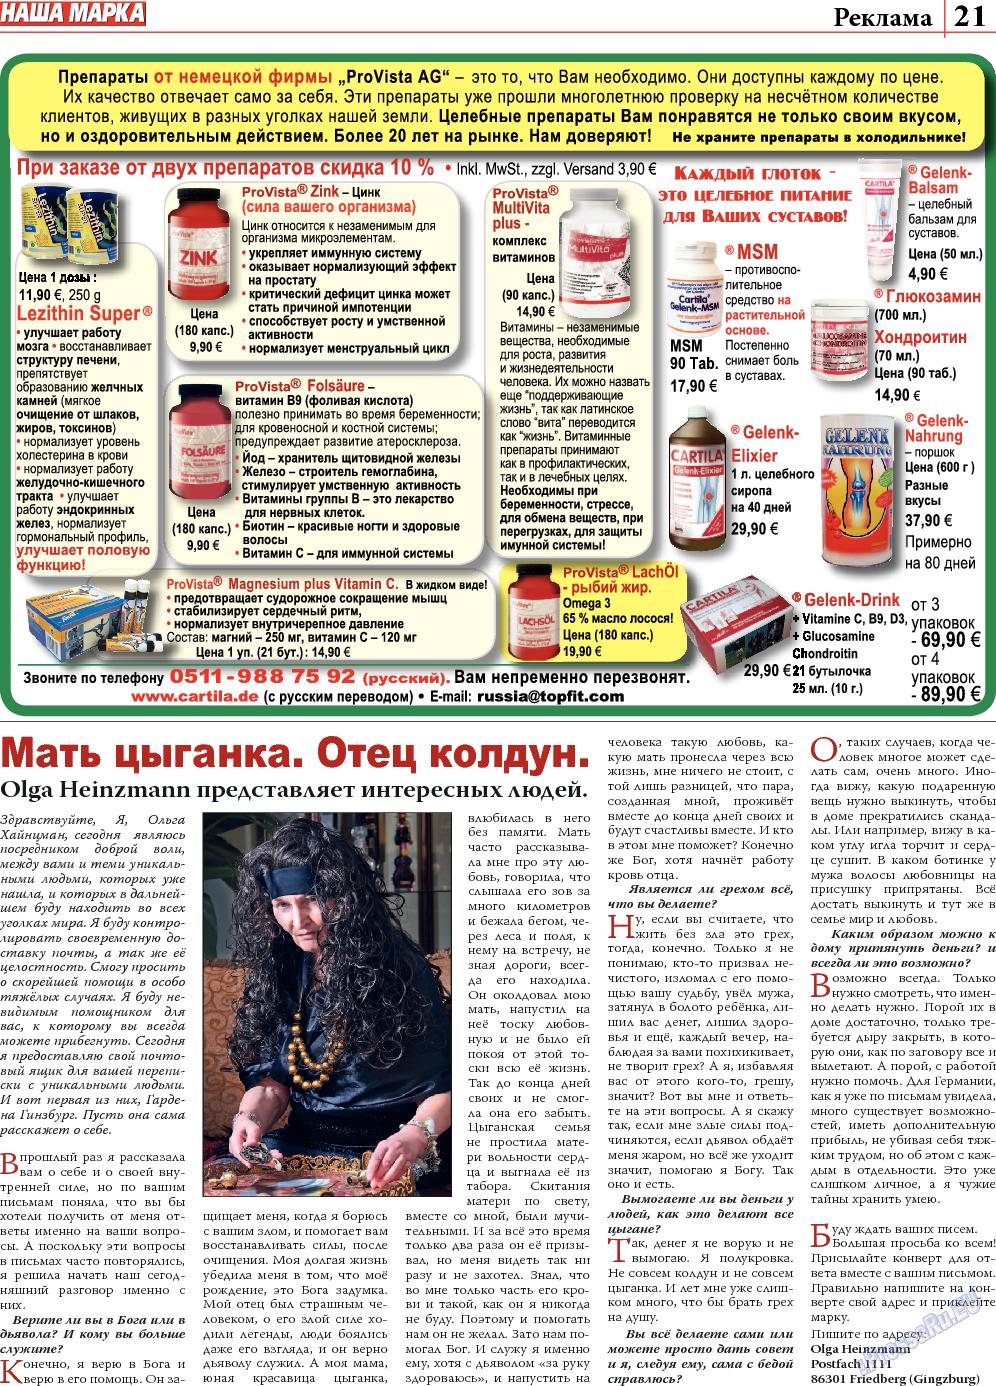 Наша марка (газета). 2013 год, номер 11, стр. 21